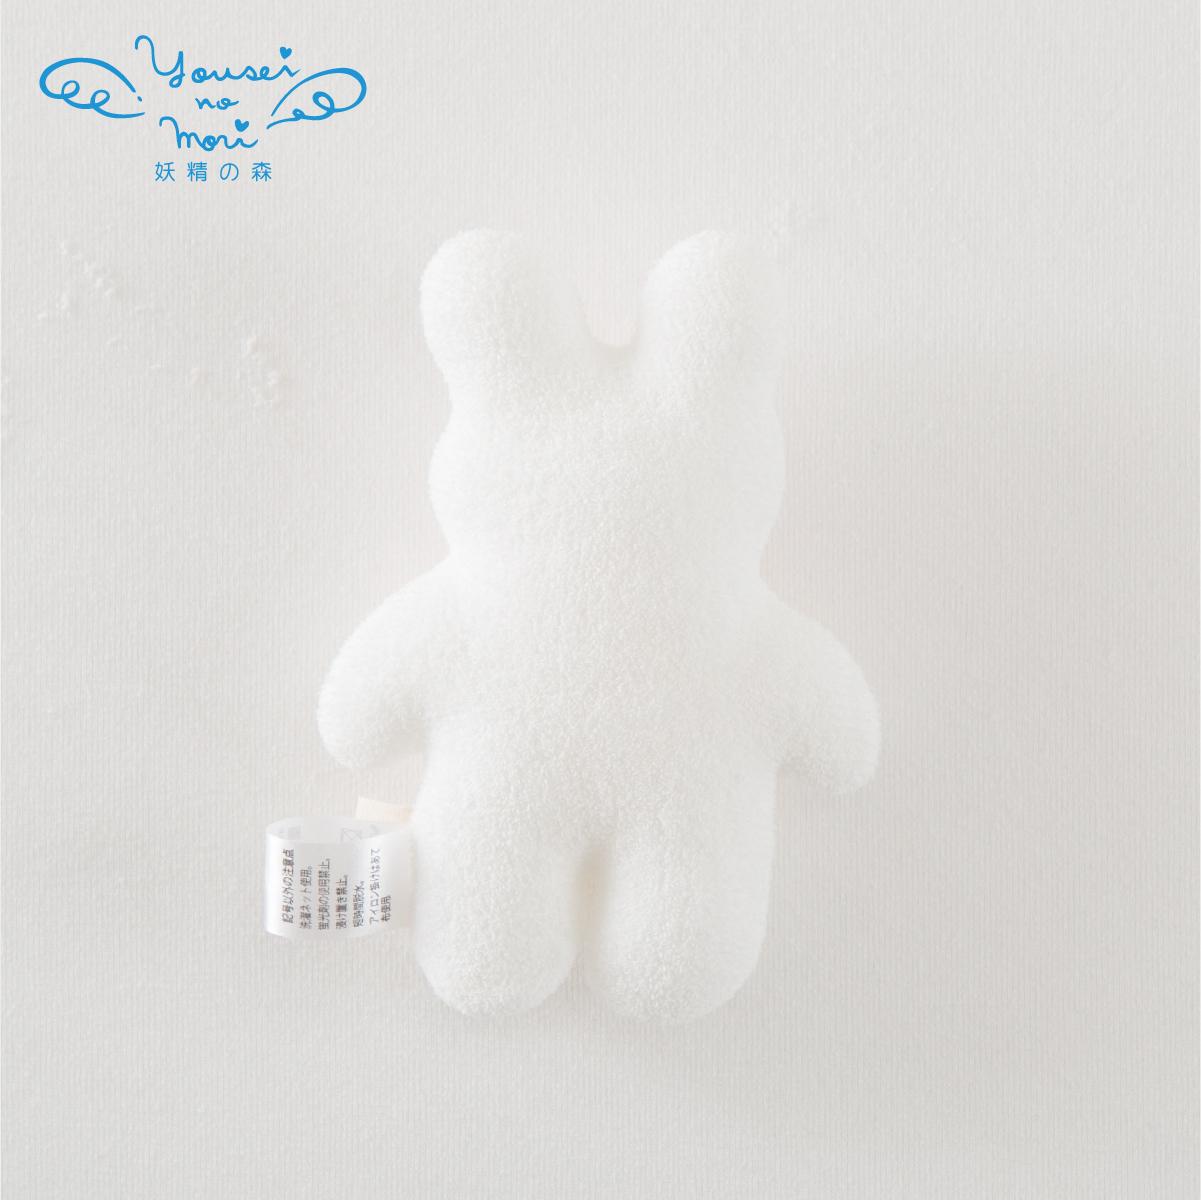 にぎにぎ人形(クマ・ウサギ・ゾウ) YG124/YG125/YG460(ベビーグッズ)